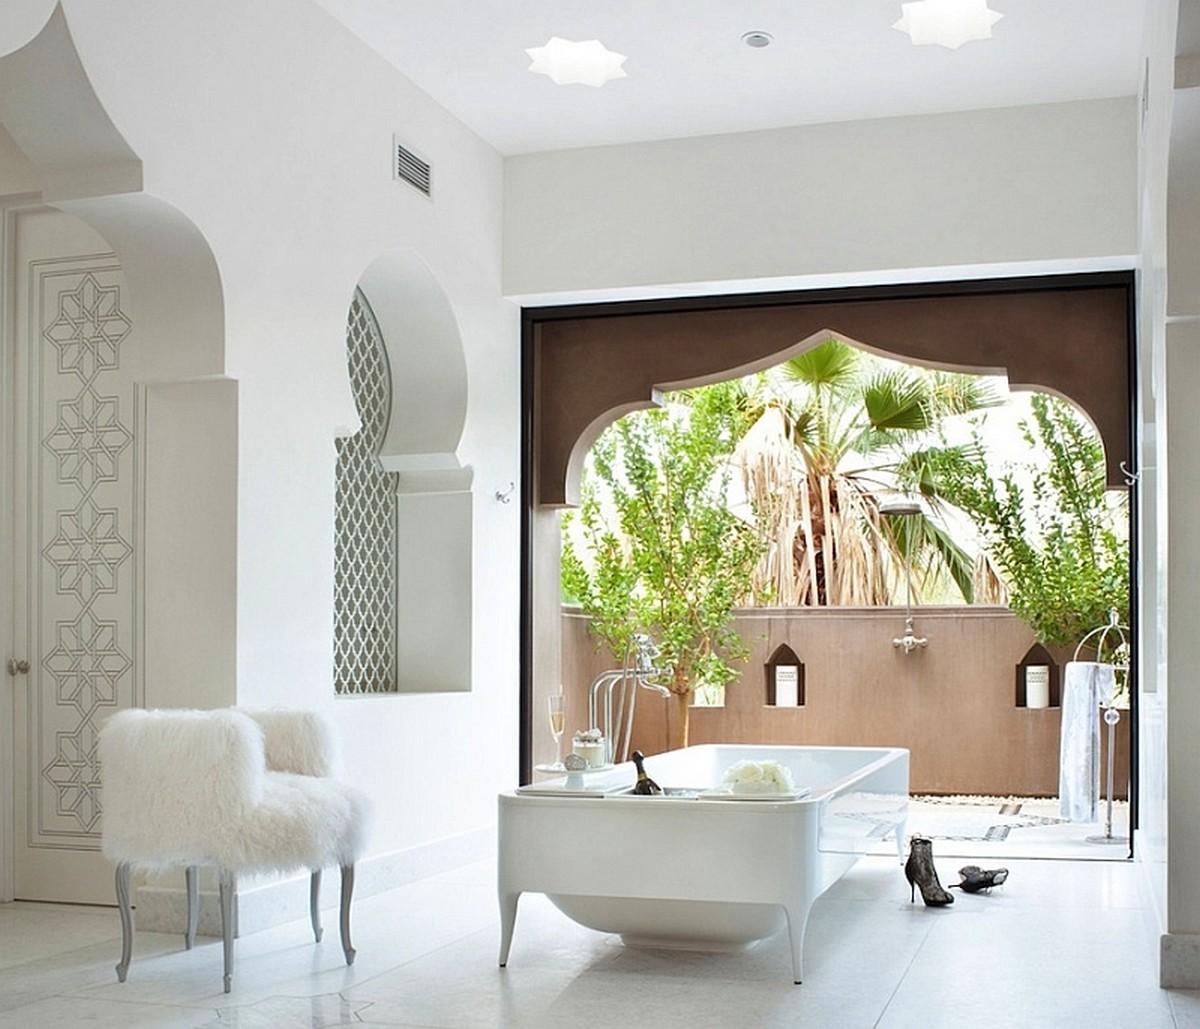 Badkamer inspiratie marloes wonen for Interieur asiatique